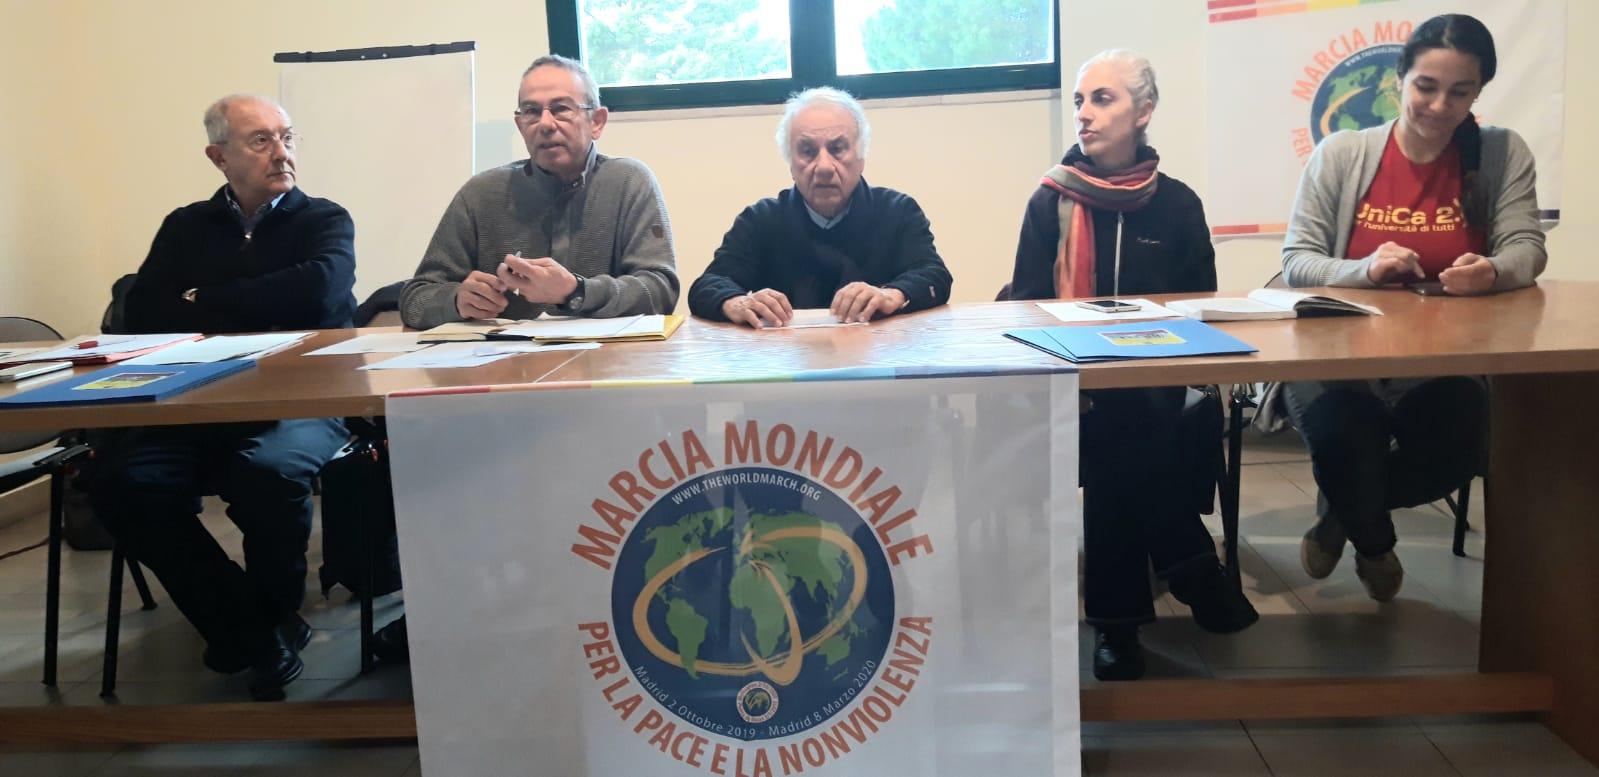 conferenza stampa marcio per la pace